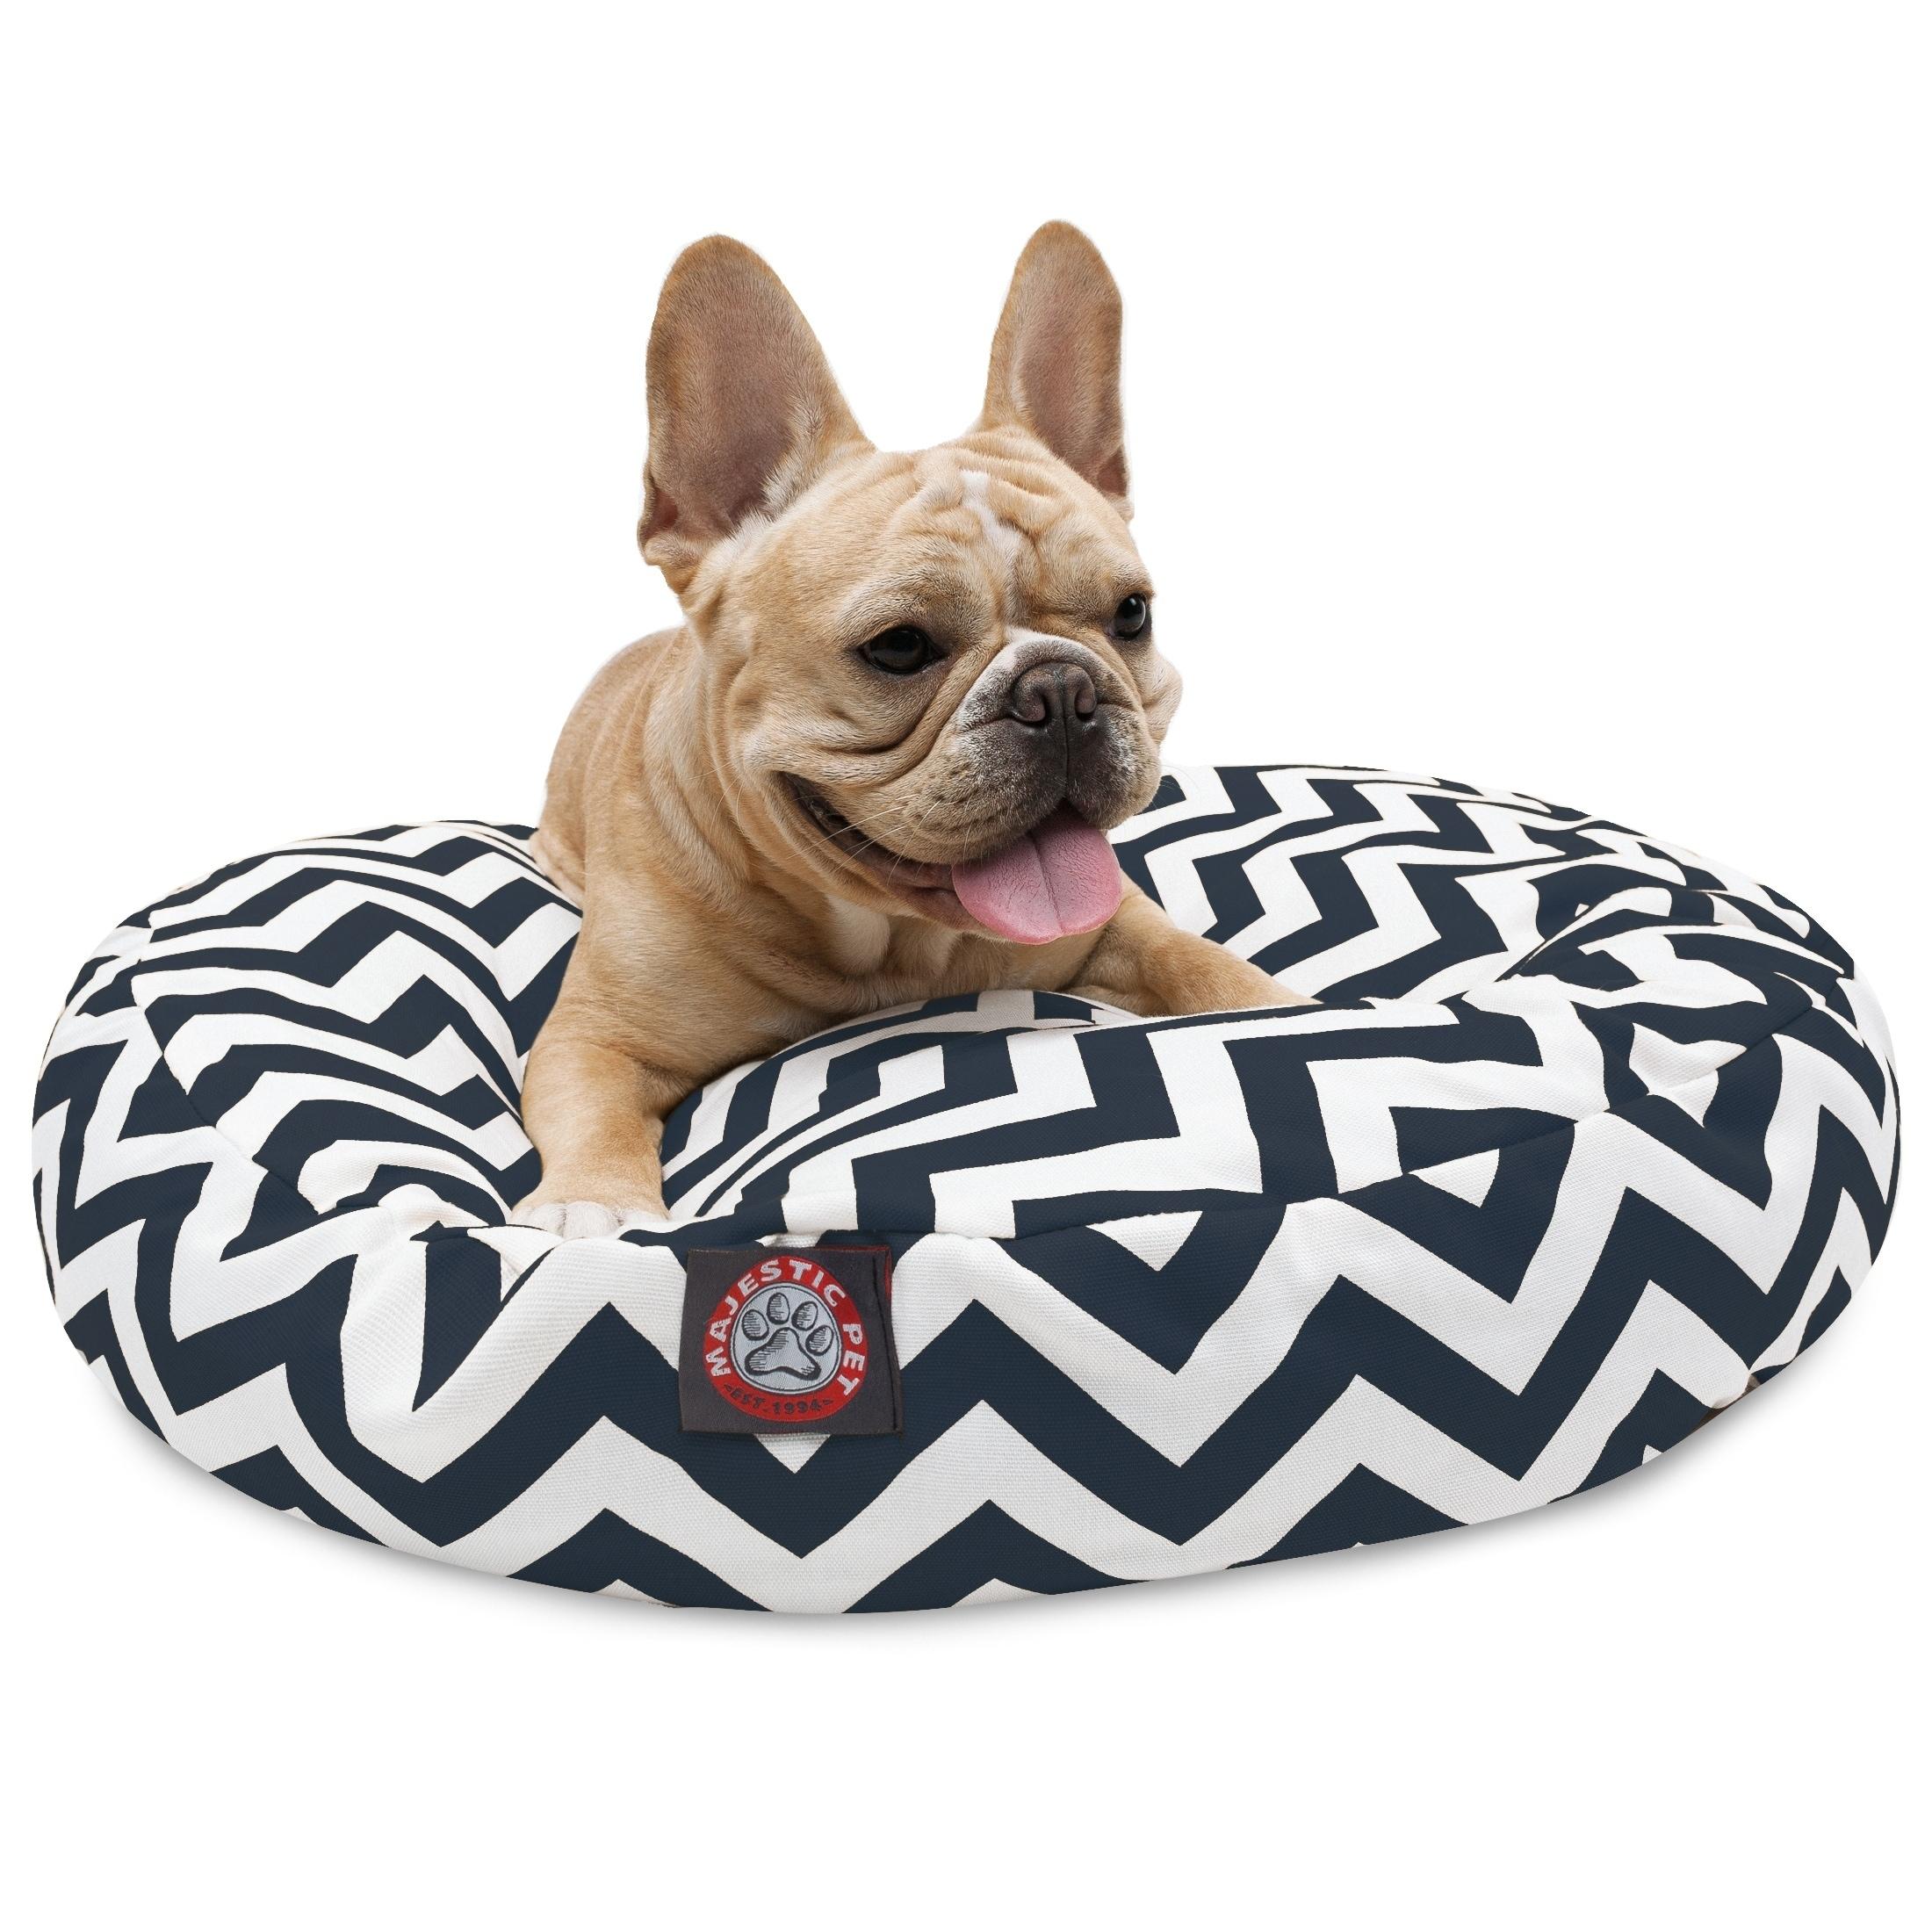 Majestic Pet Chevron Indoor/ Outdoor Dog Bed (Navy Chevro...